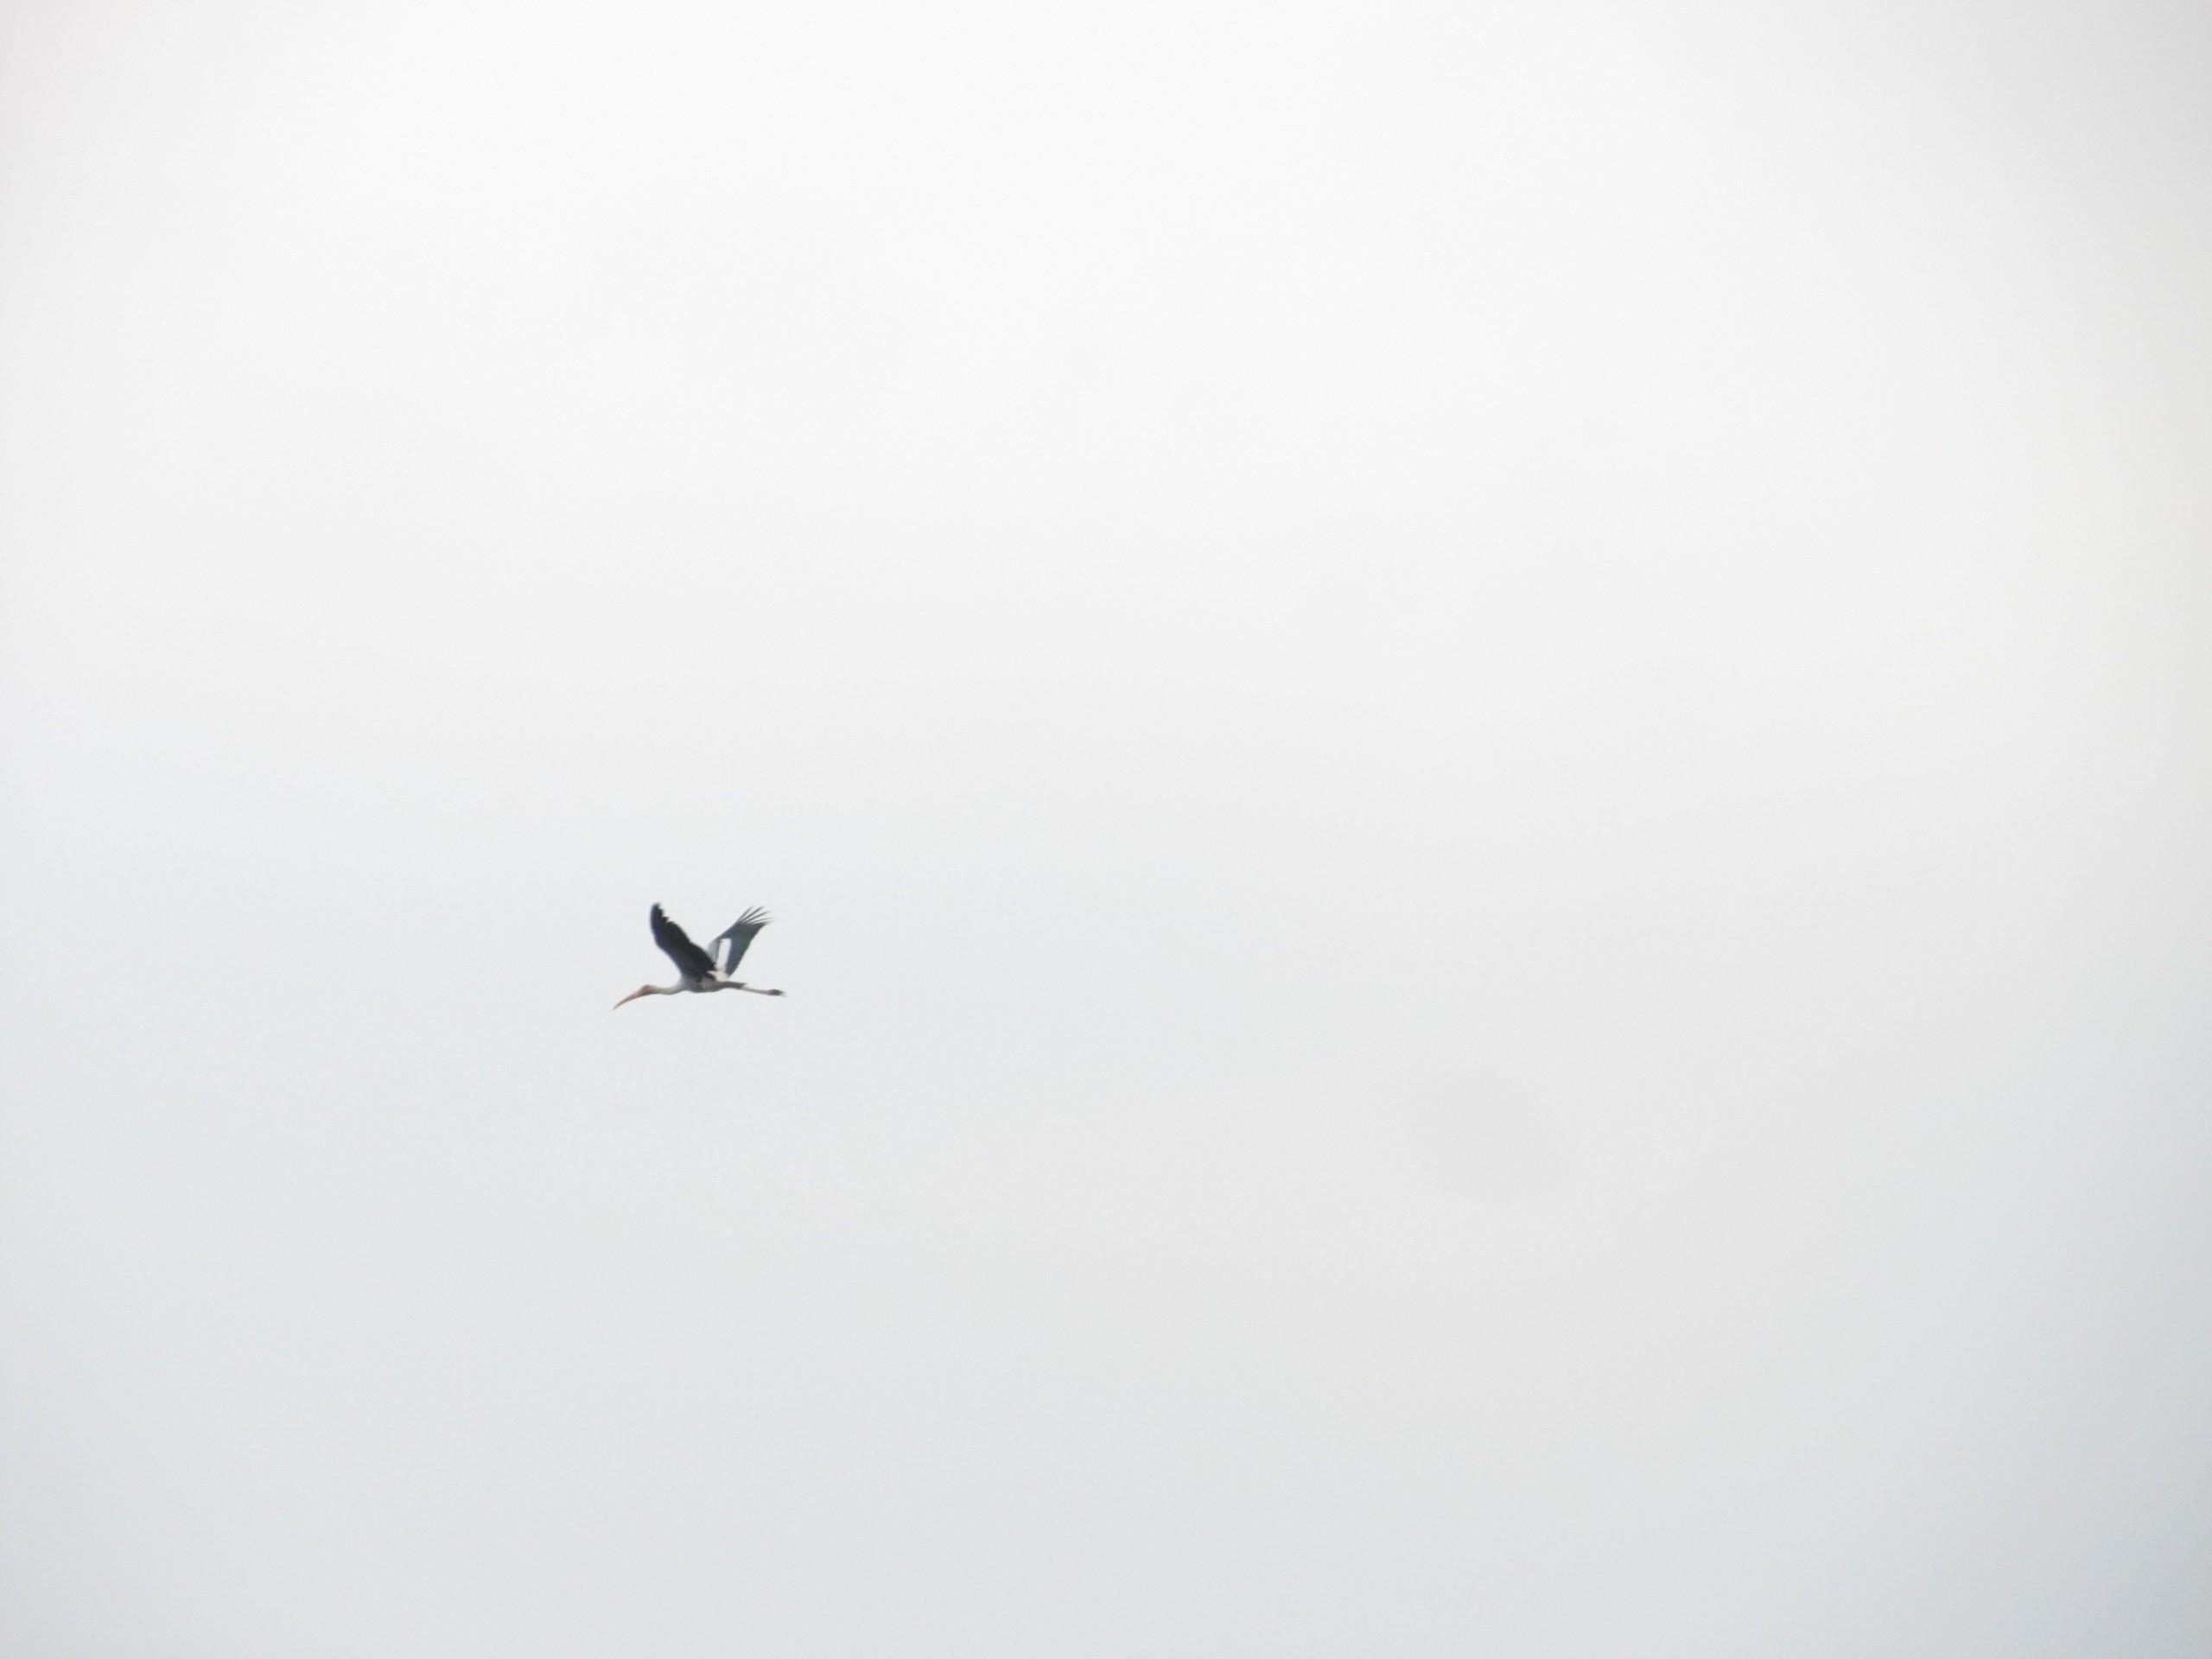 Bird Flight on the Sky